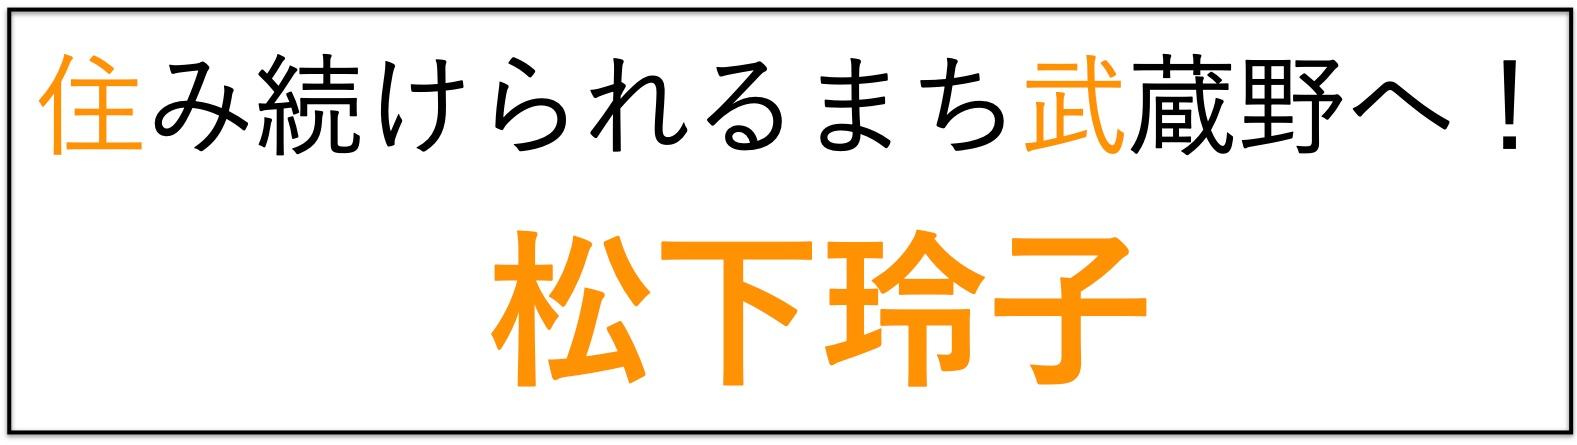 松下玲子オフィシャルサイト